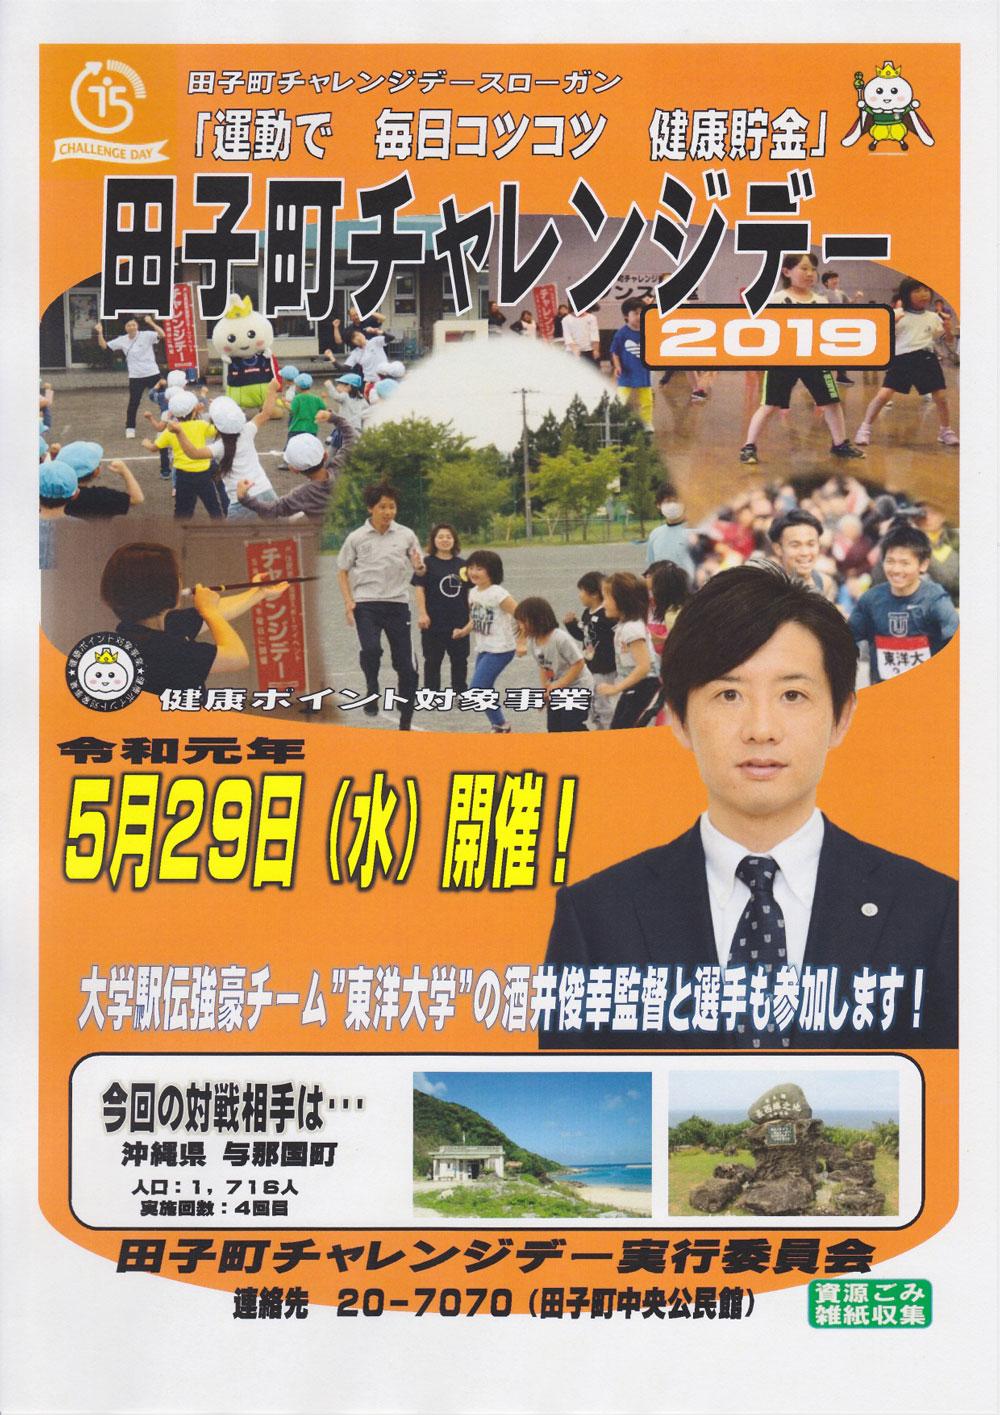 田子町チャレンジデー 2019